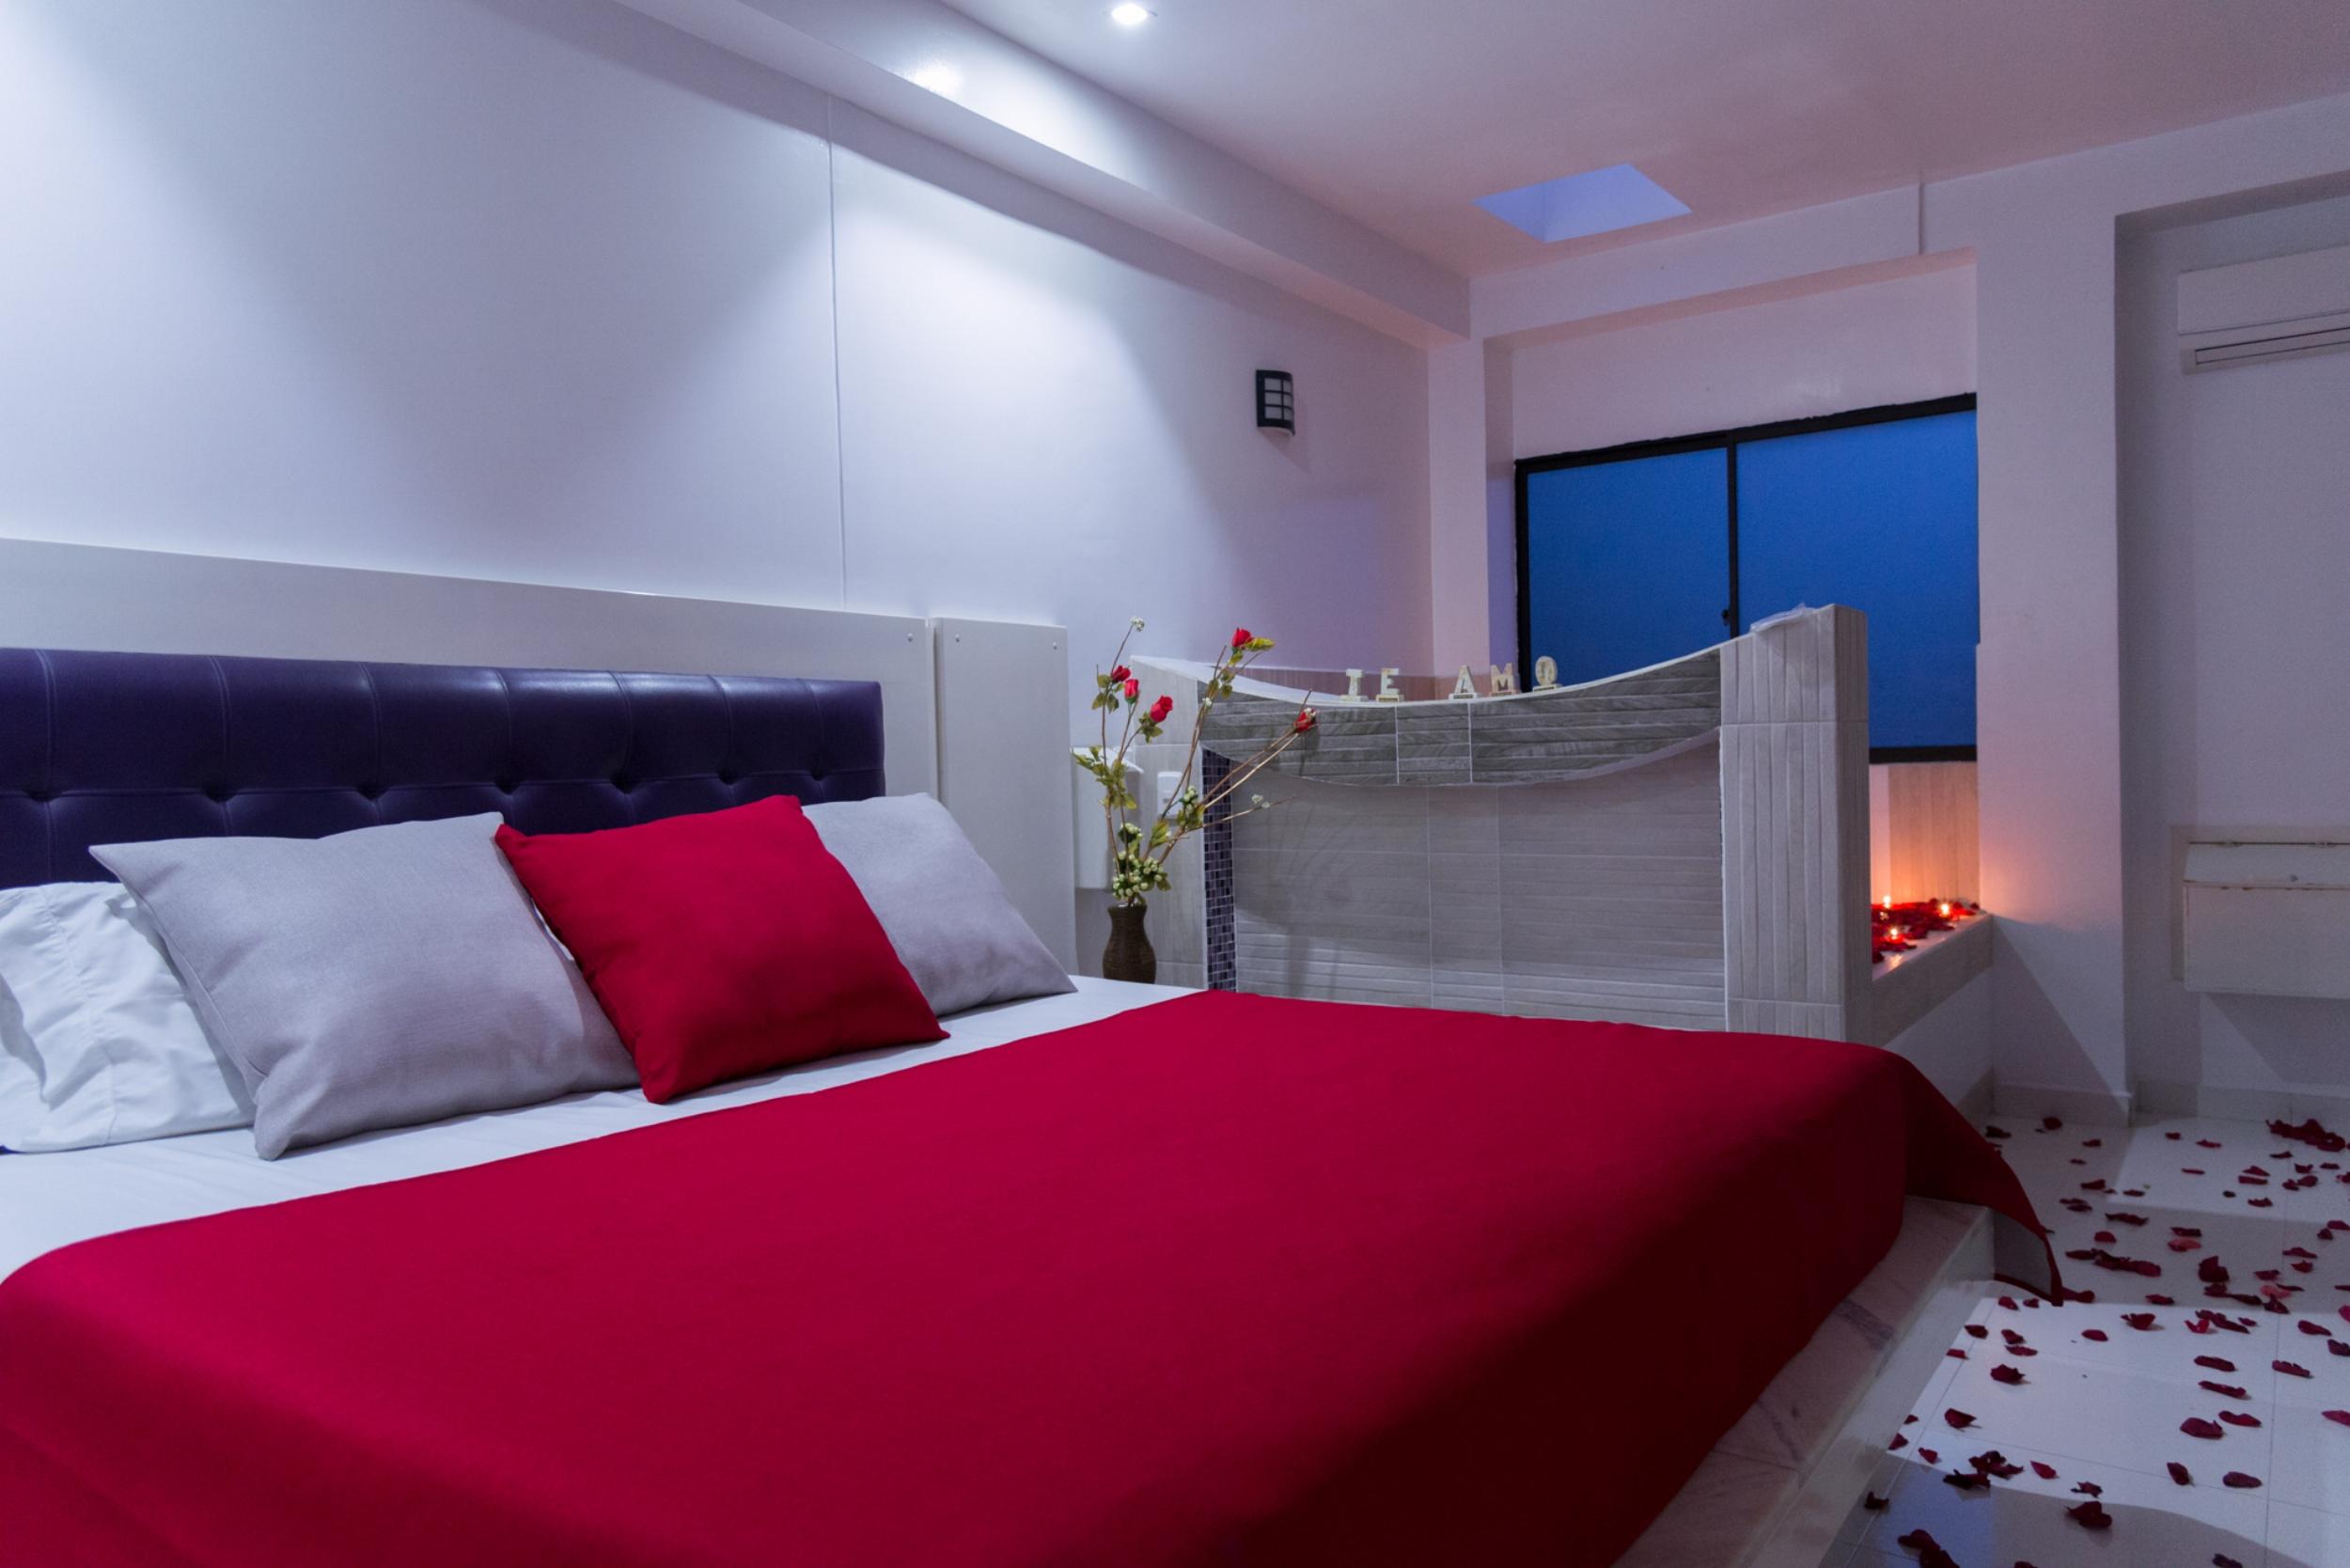 suite spa invierno - Un espacio que recuerda los colores del frío y la nieve, mientras en la cama es momento de calentarse y subirle la temperatura a los cuerpos, descubriendo nuevos placeres.Más detalles ➝